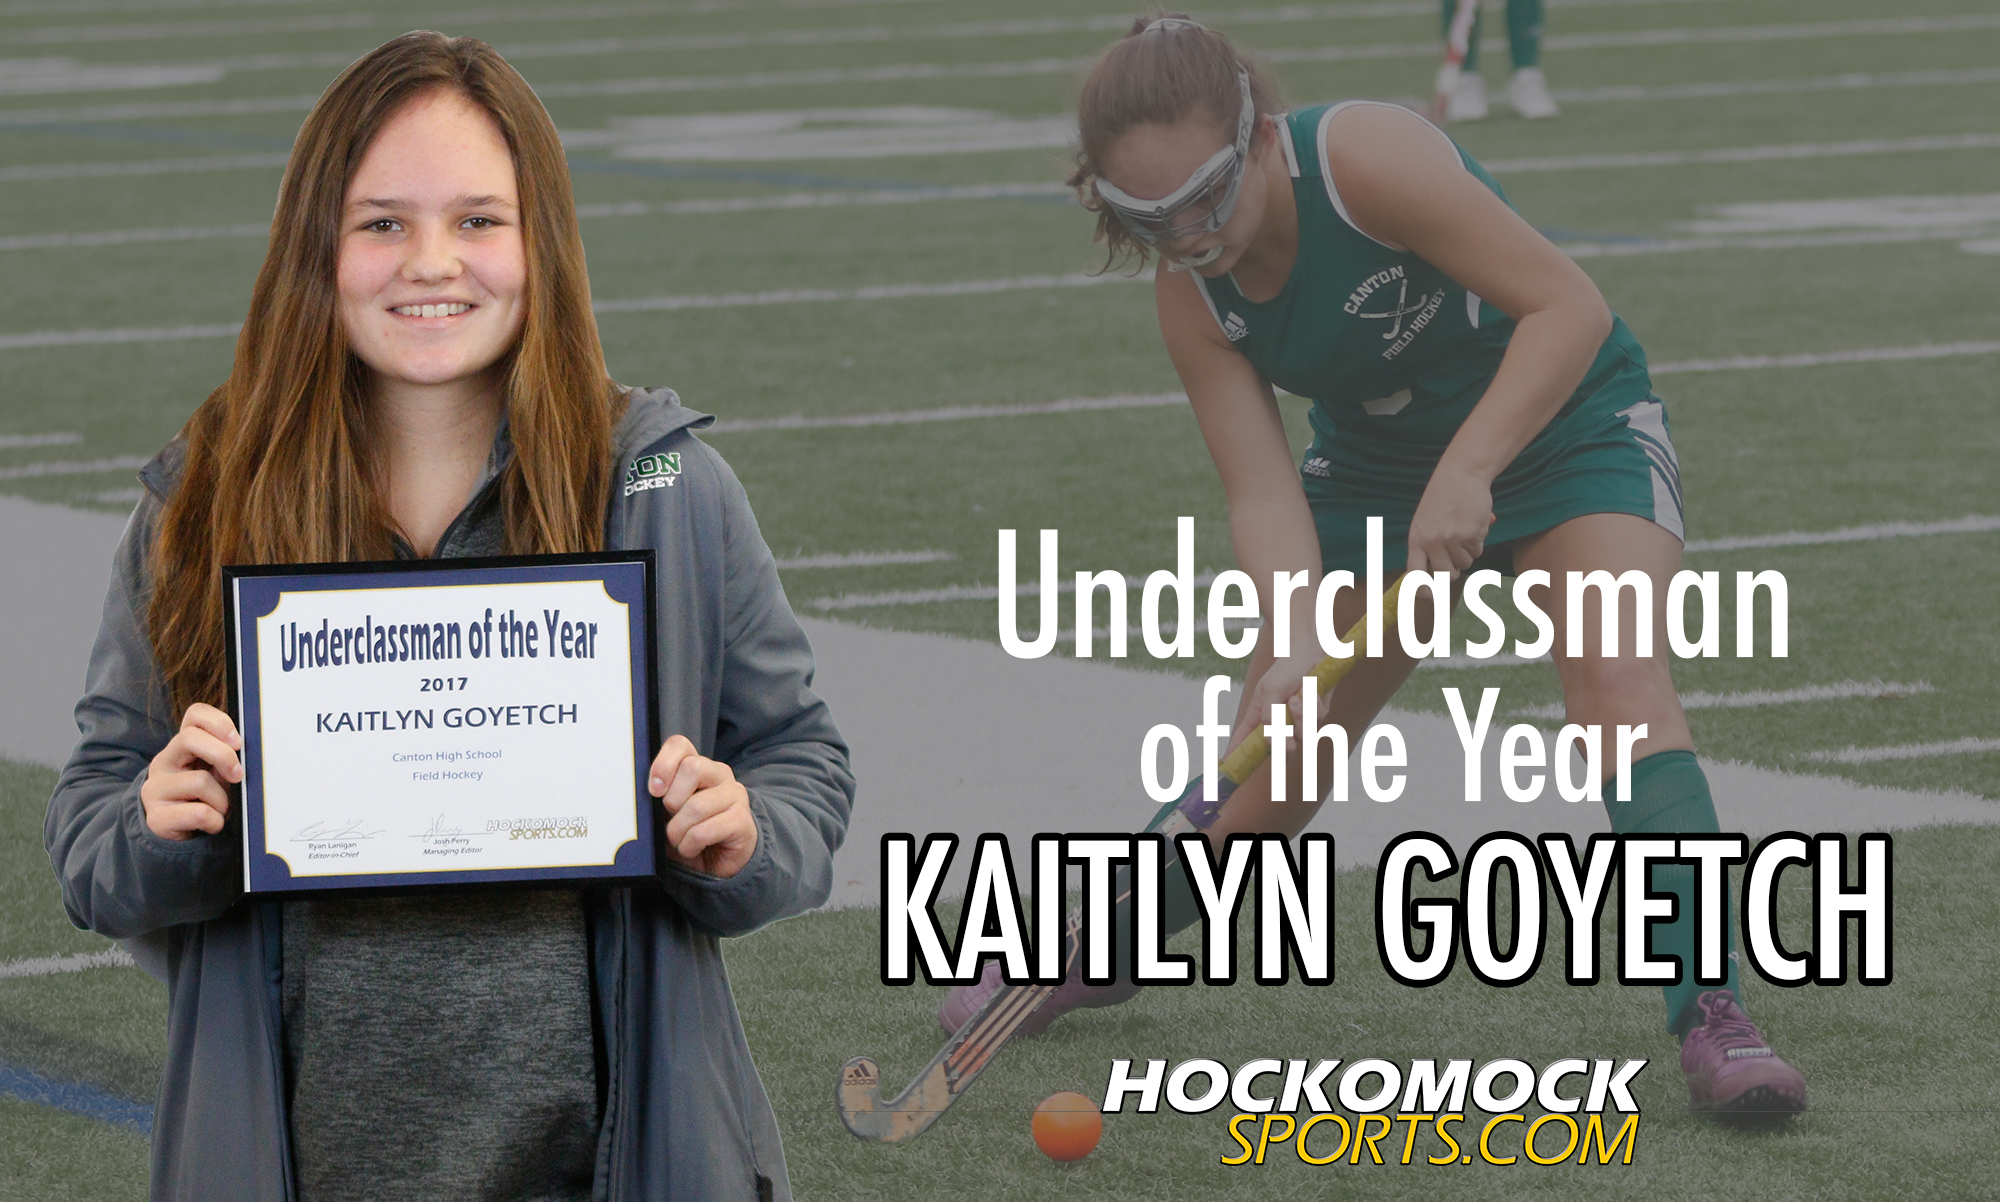 Kaitlyn Goyetch